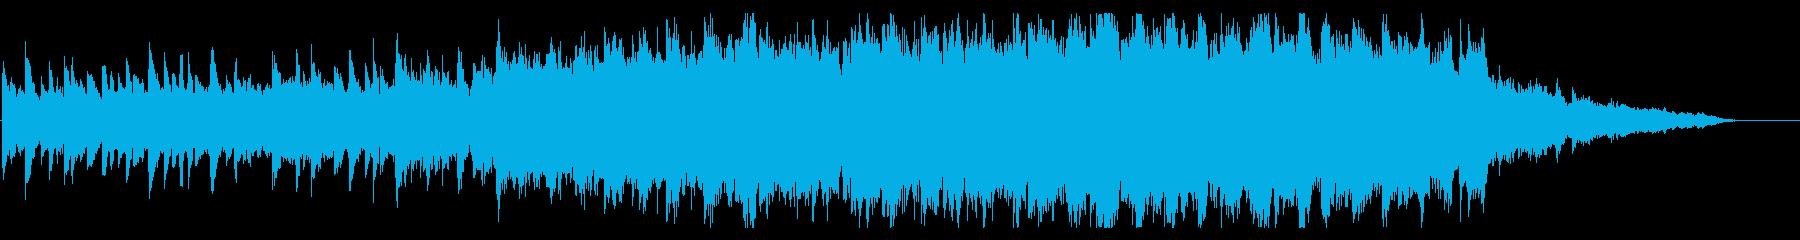 ピアノとストリングスの風を感じるジングルの再生済みの波形